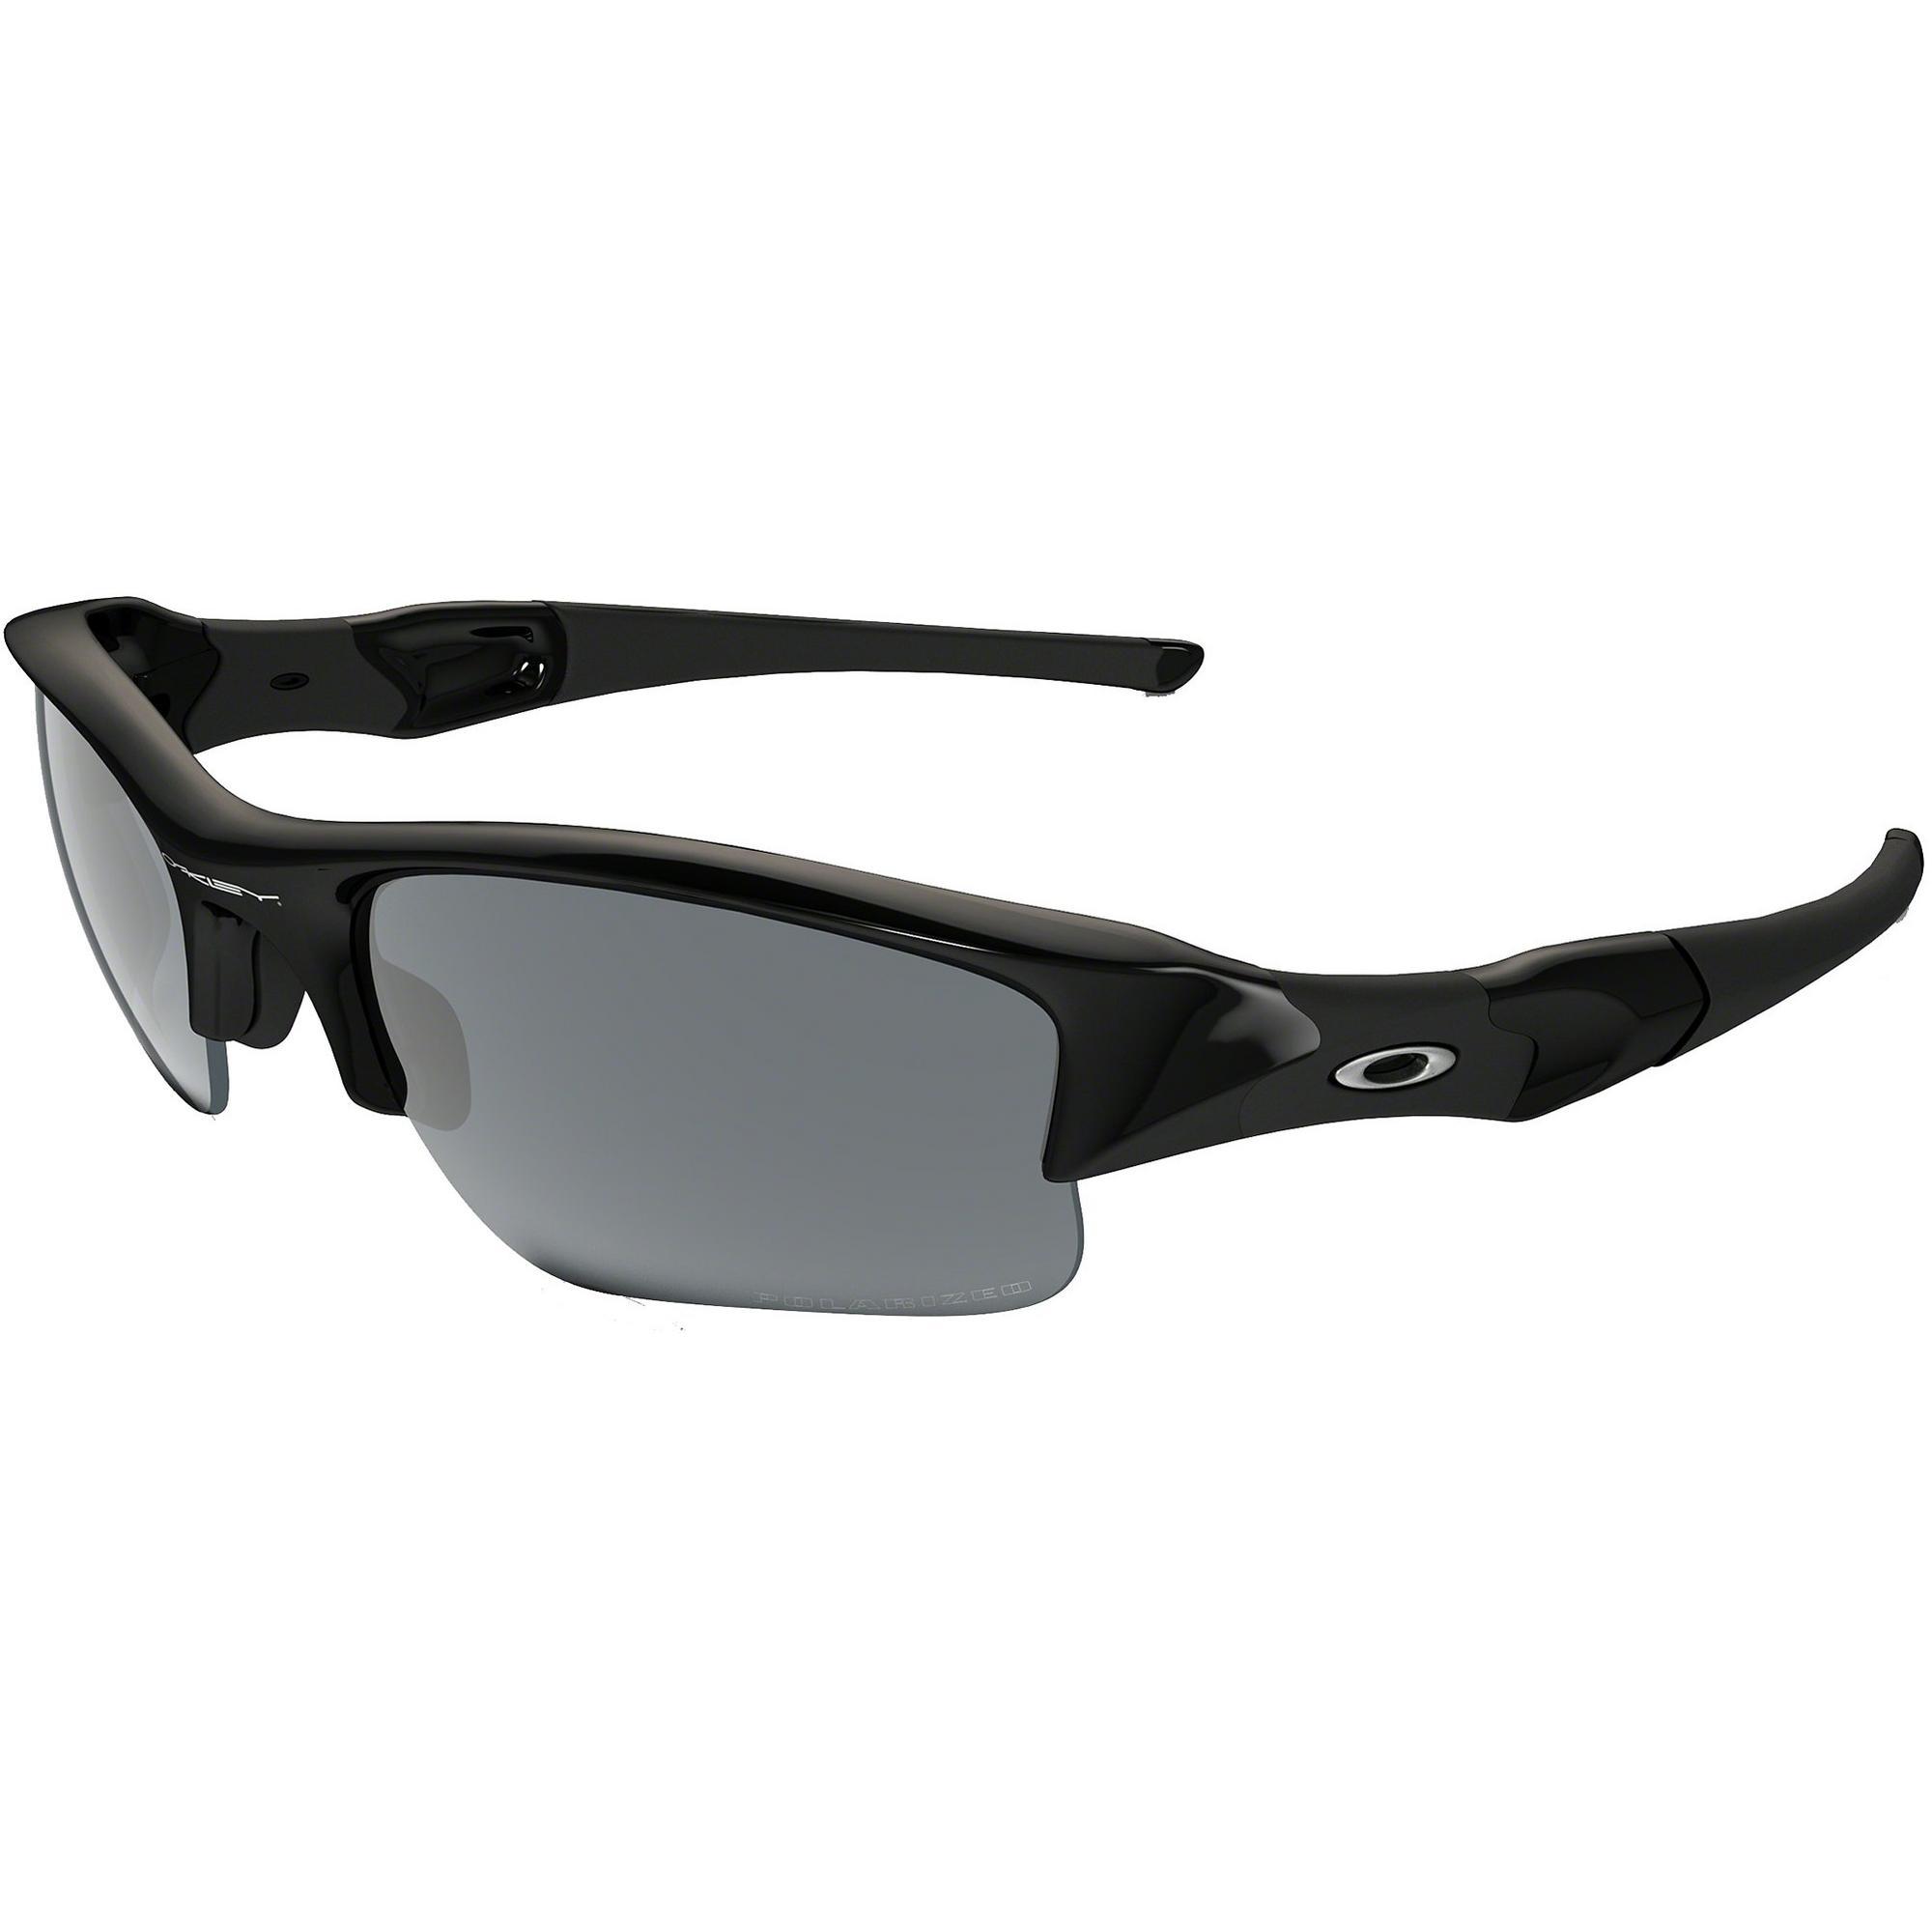 Flak Jacket XLJ Jet Black Iridium Polarized Sunglasses